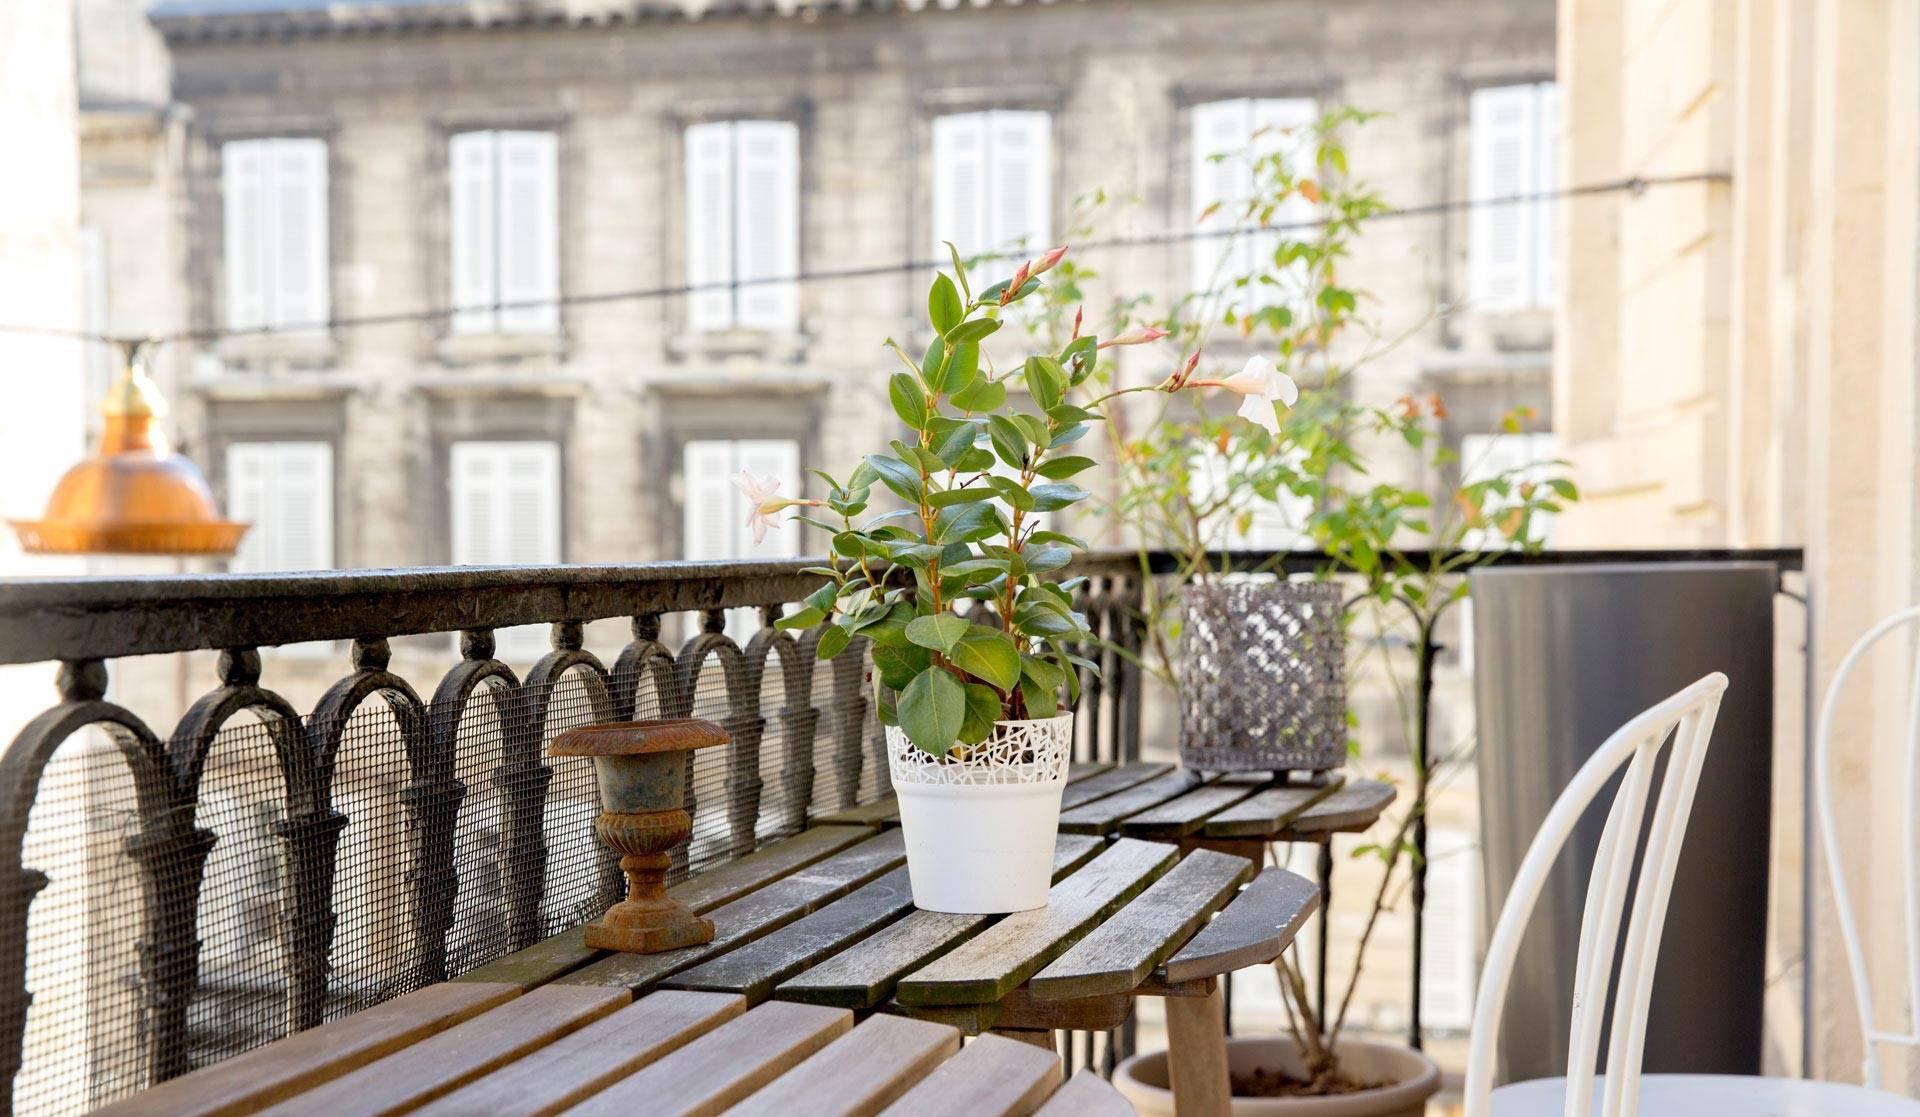 Achat maison et appartement à Bordeaux, St Seurin et la Croix Blanche